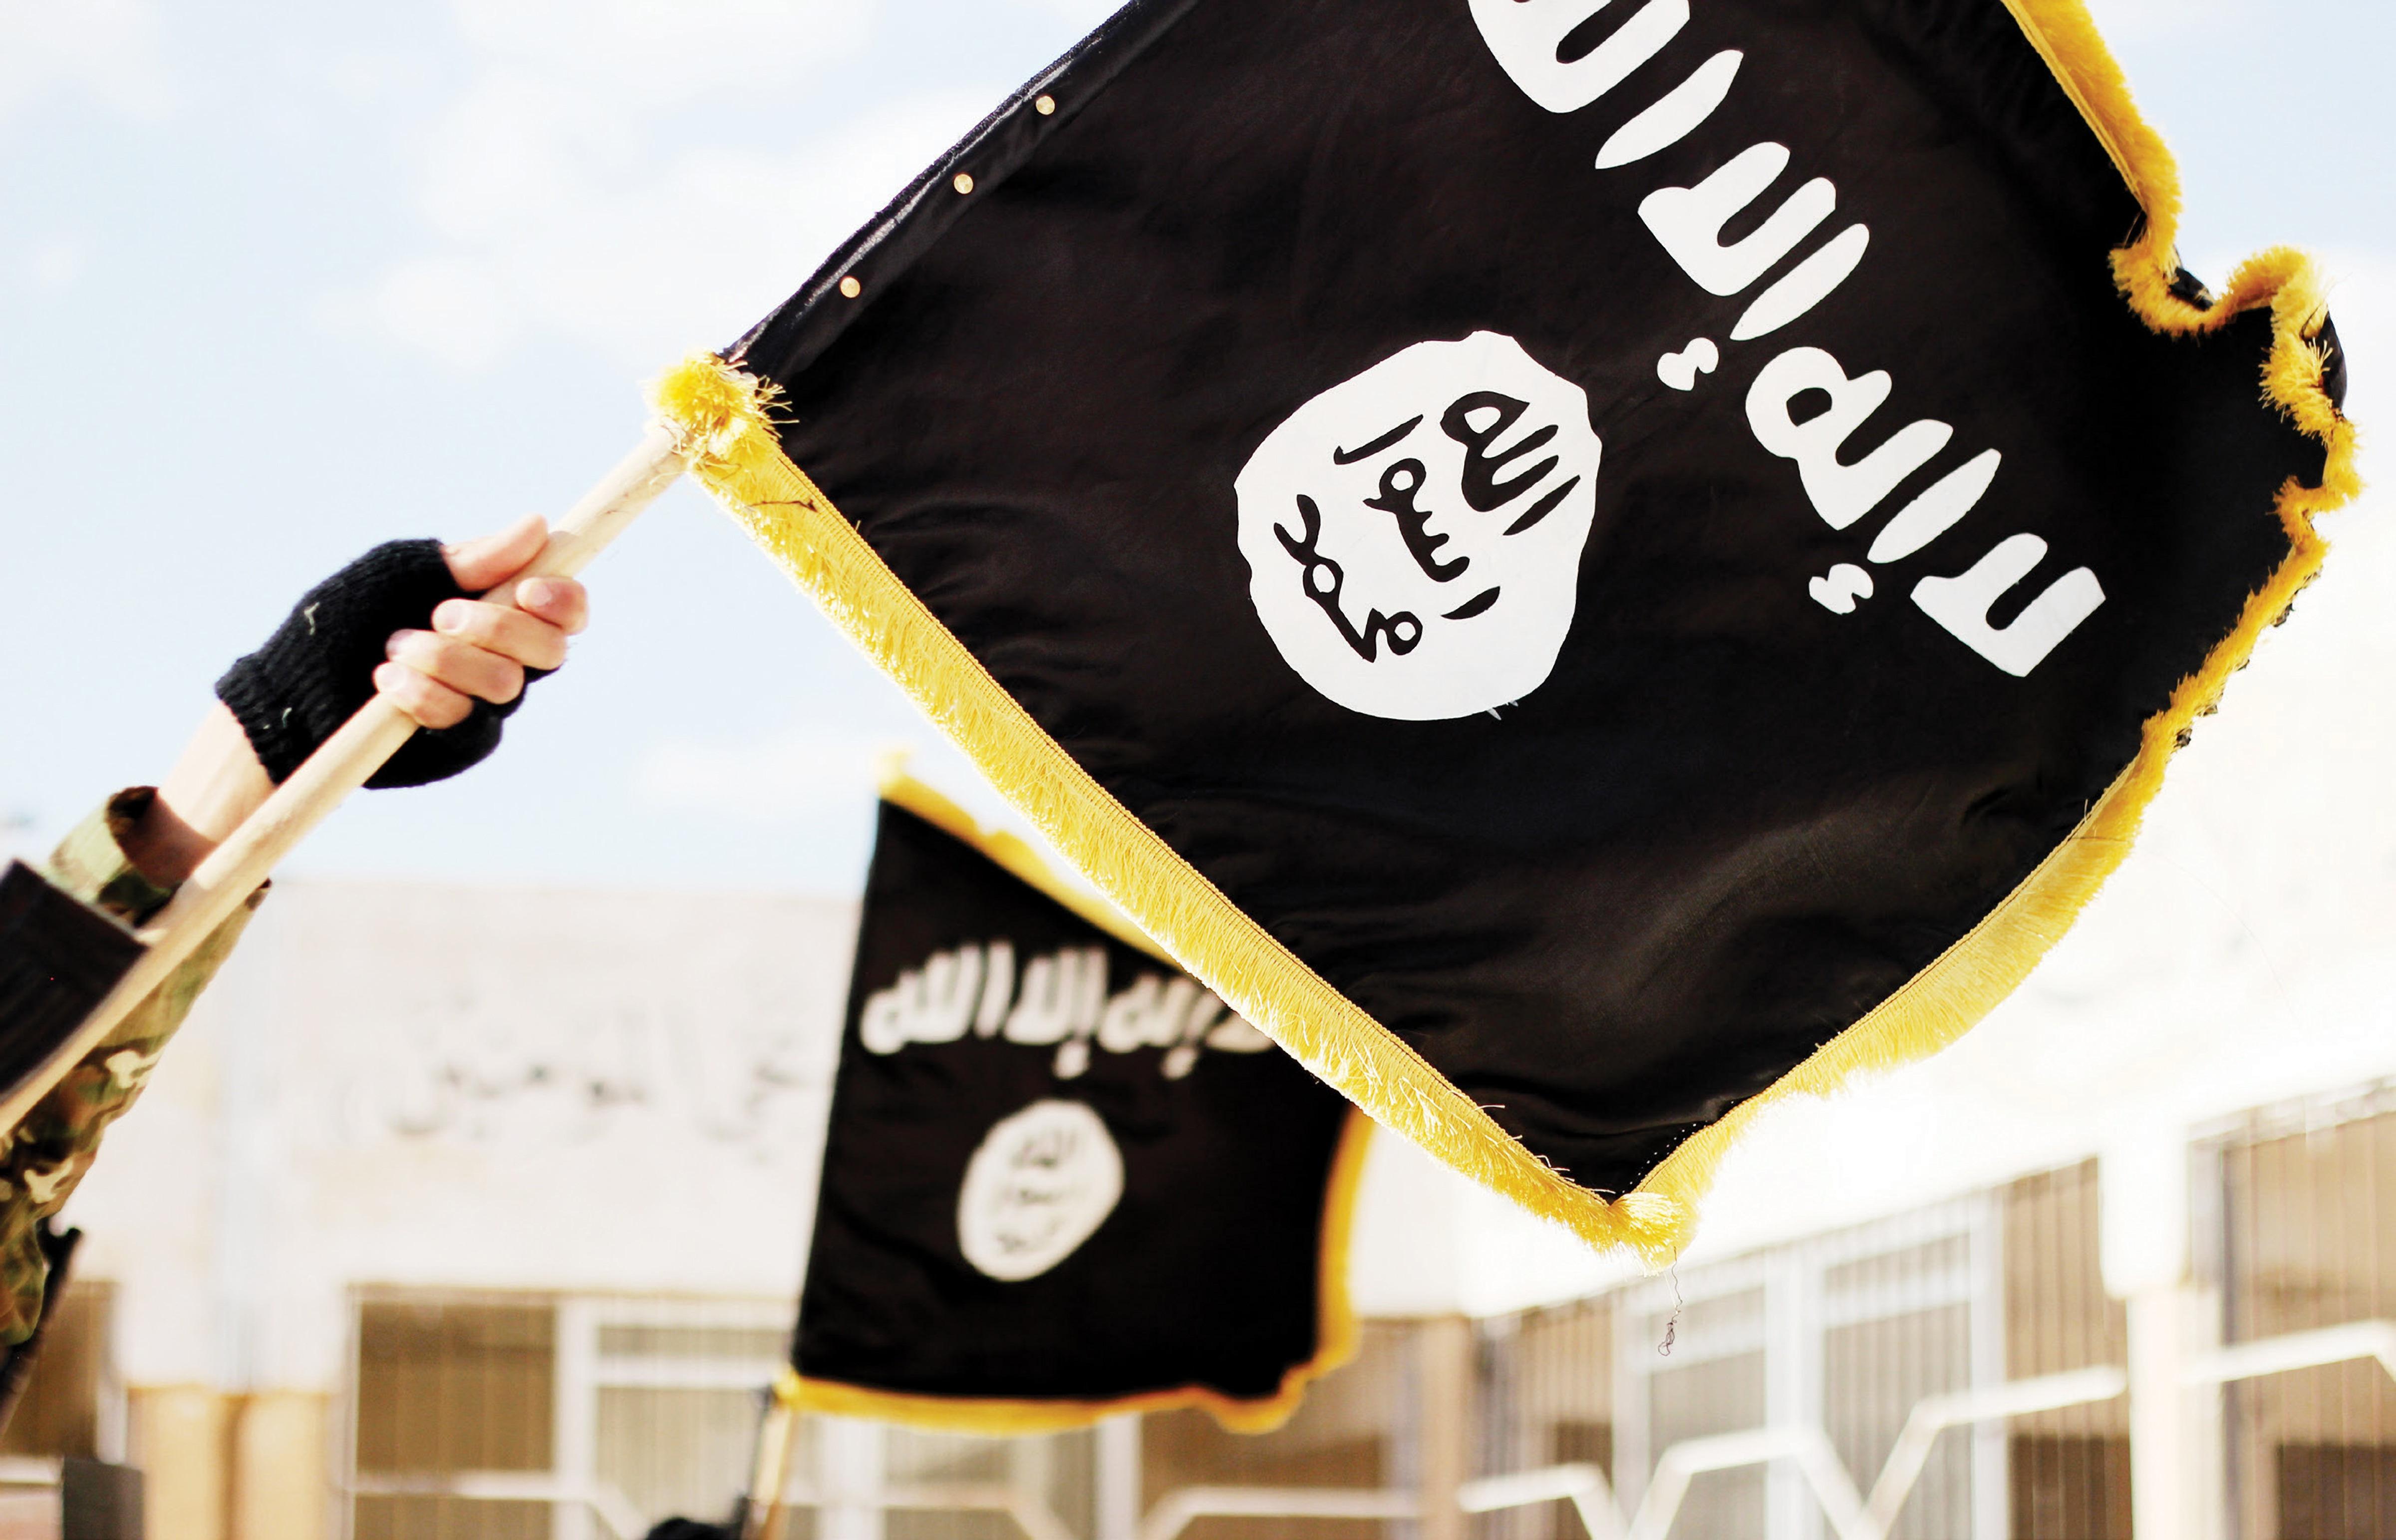 Flagge der Terrororganisation »Islamischer Staat« (IS), IS-Propagandafoto, © picture alliance / ZUMA Press